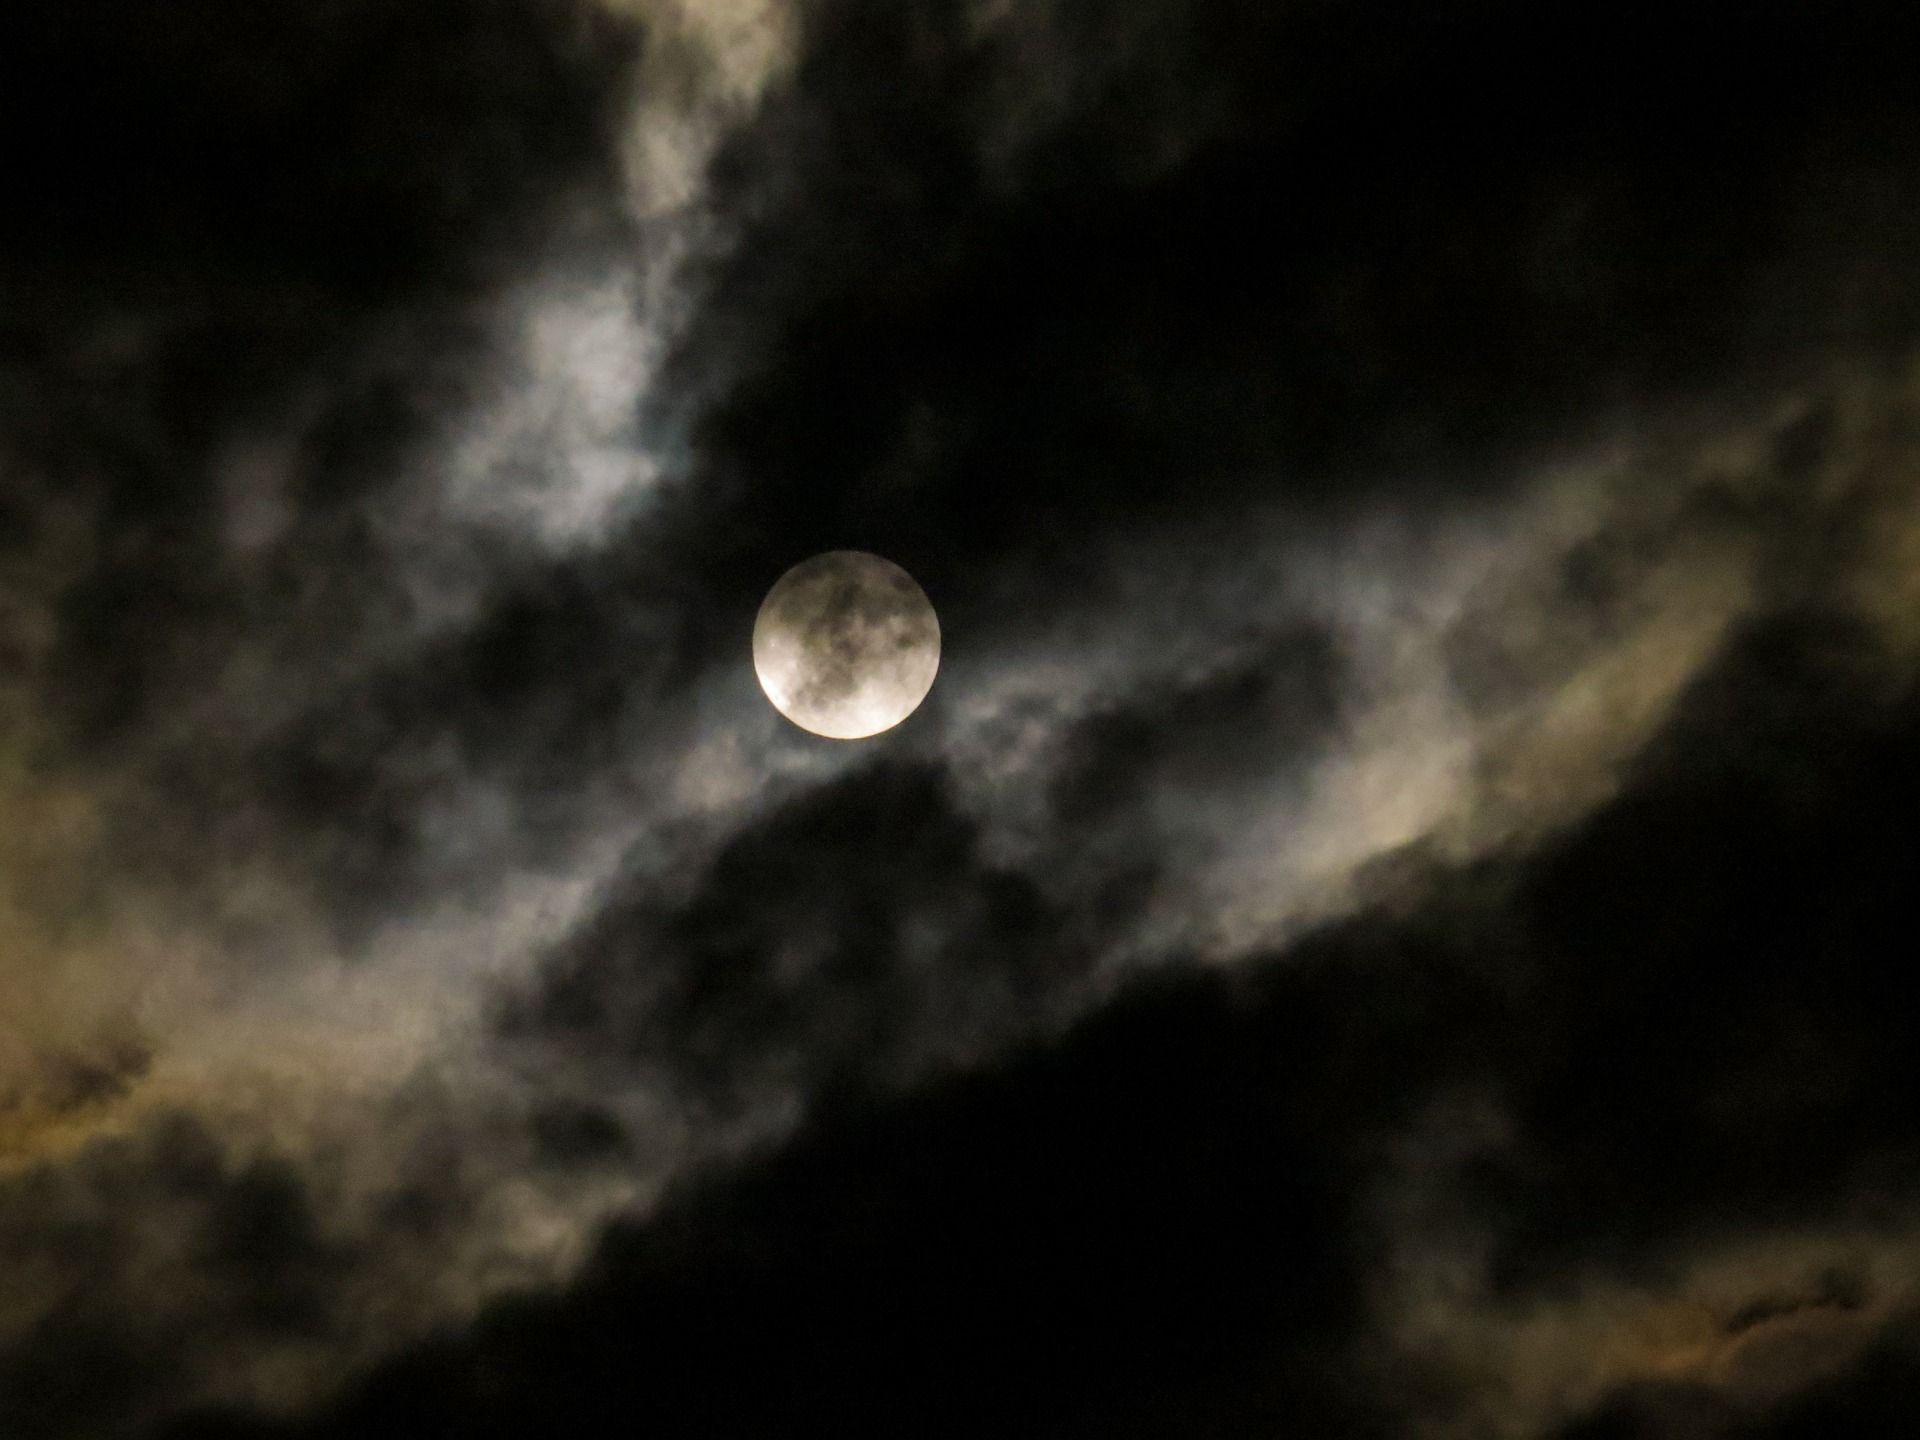 Schlechte Aussichten für Beobachtung der totalen Mondfinsternis in Wien